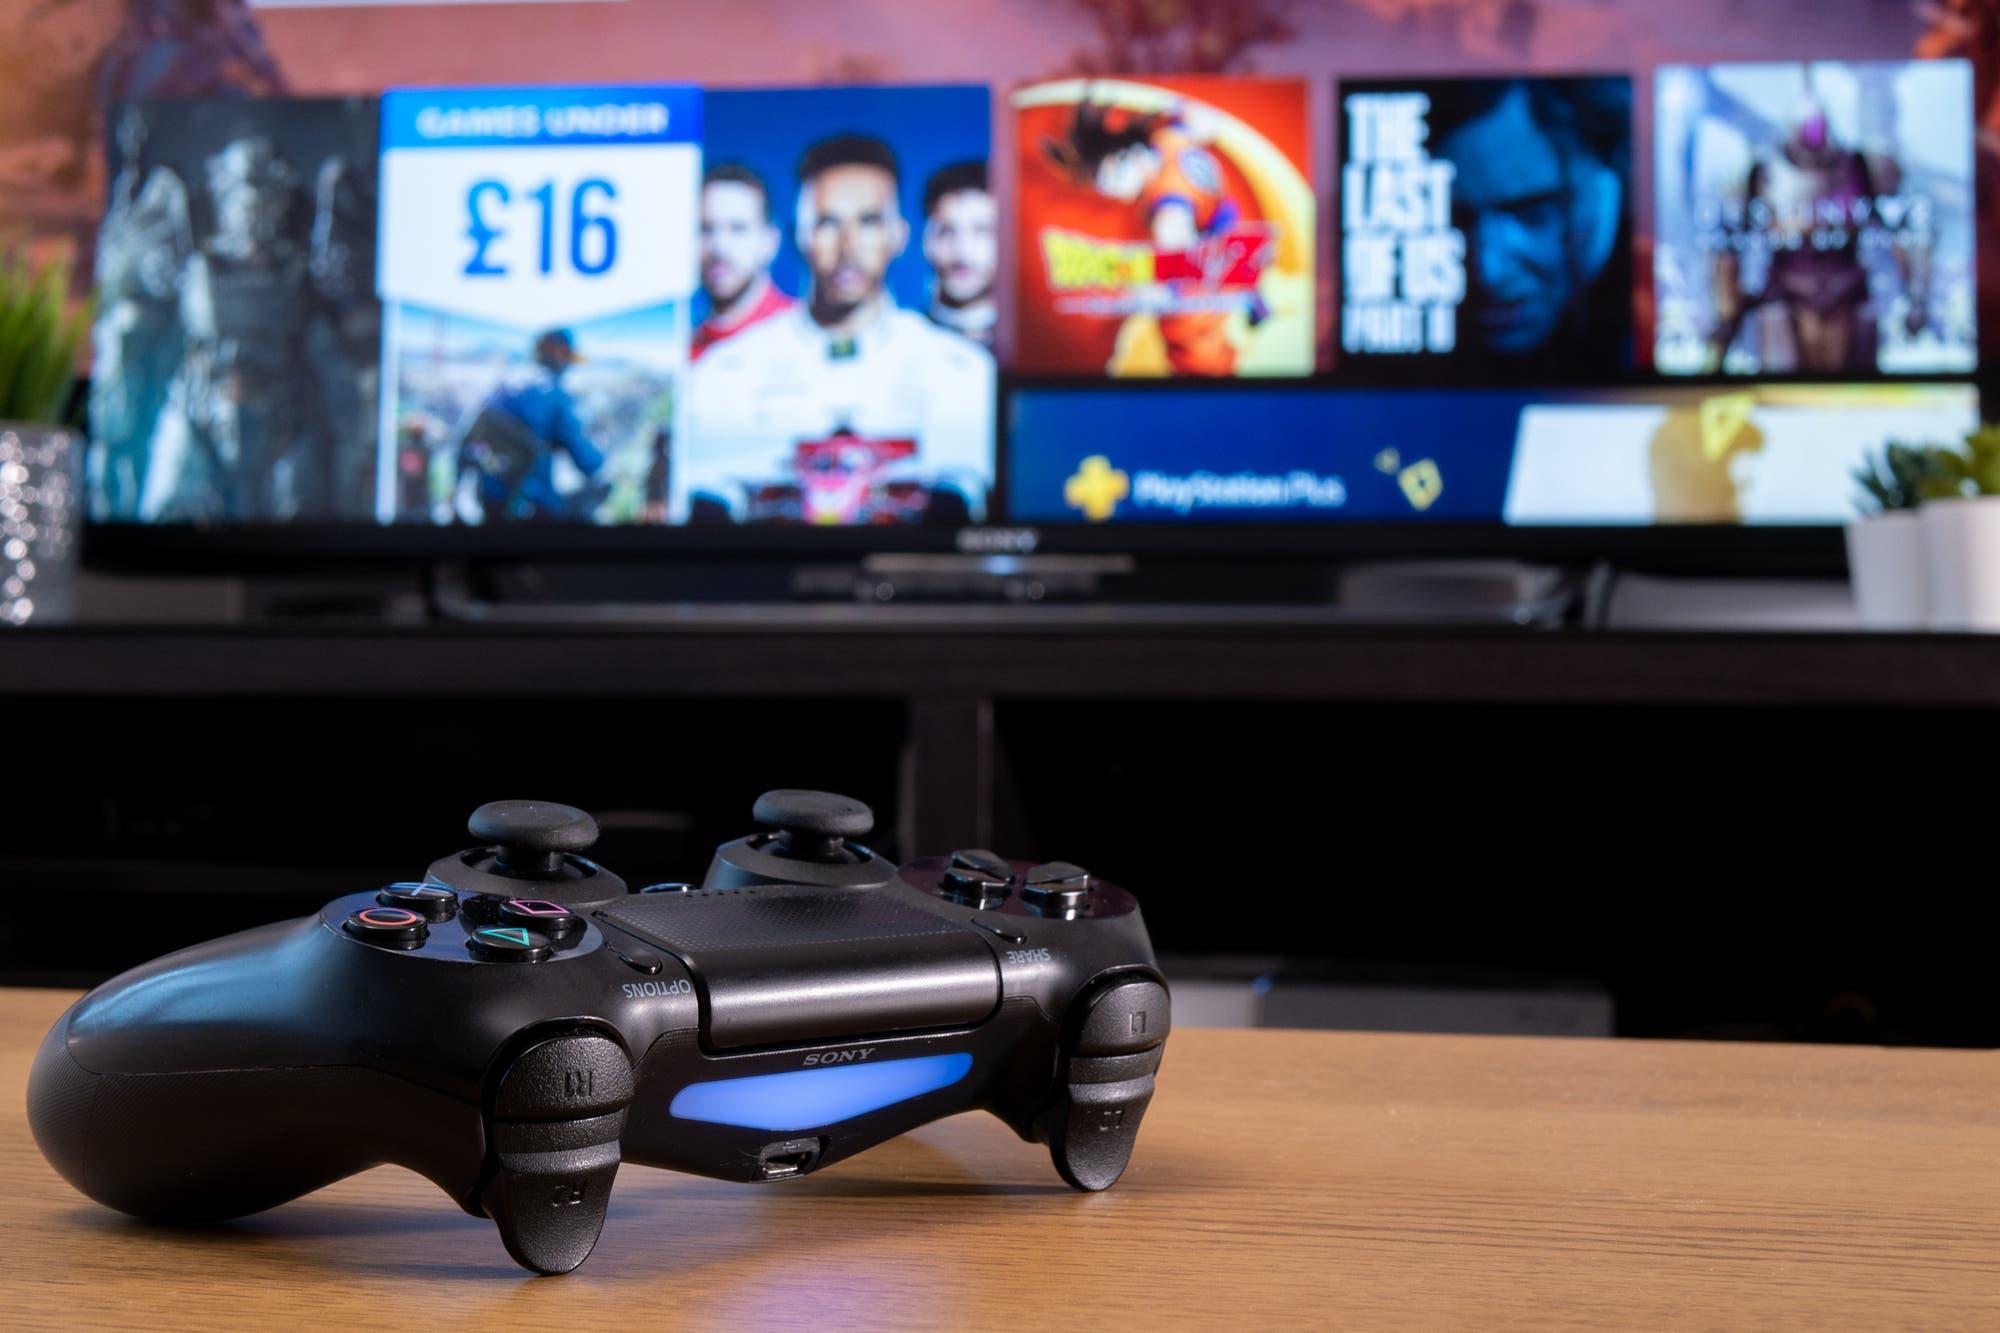 Sony reduce la velocidad de las descargas de juegos en Europa para no sobrecargar las redes